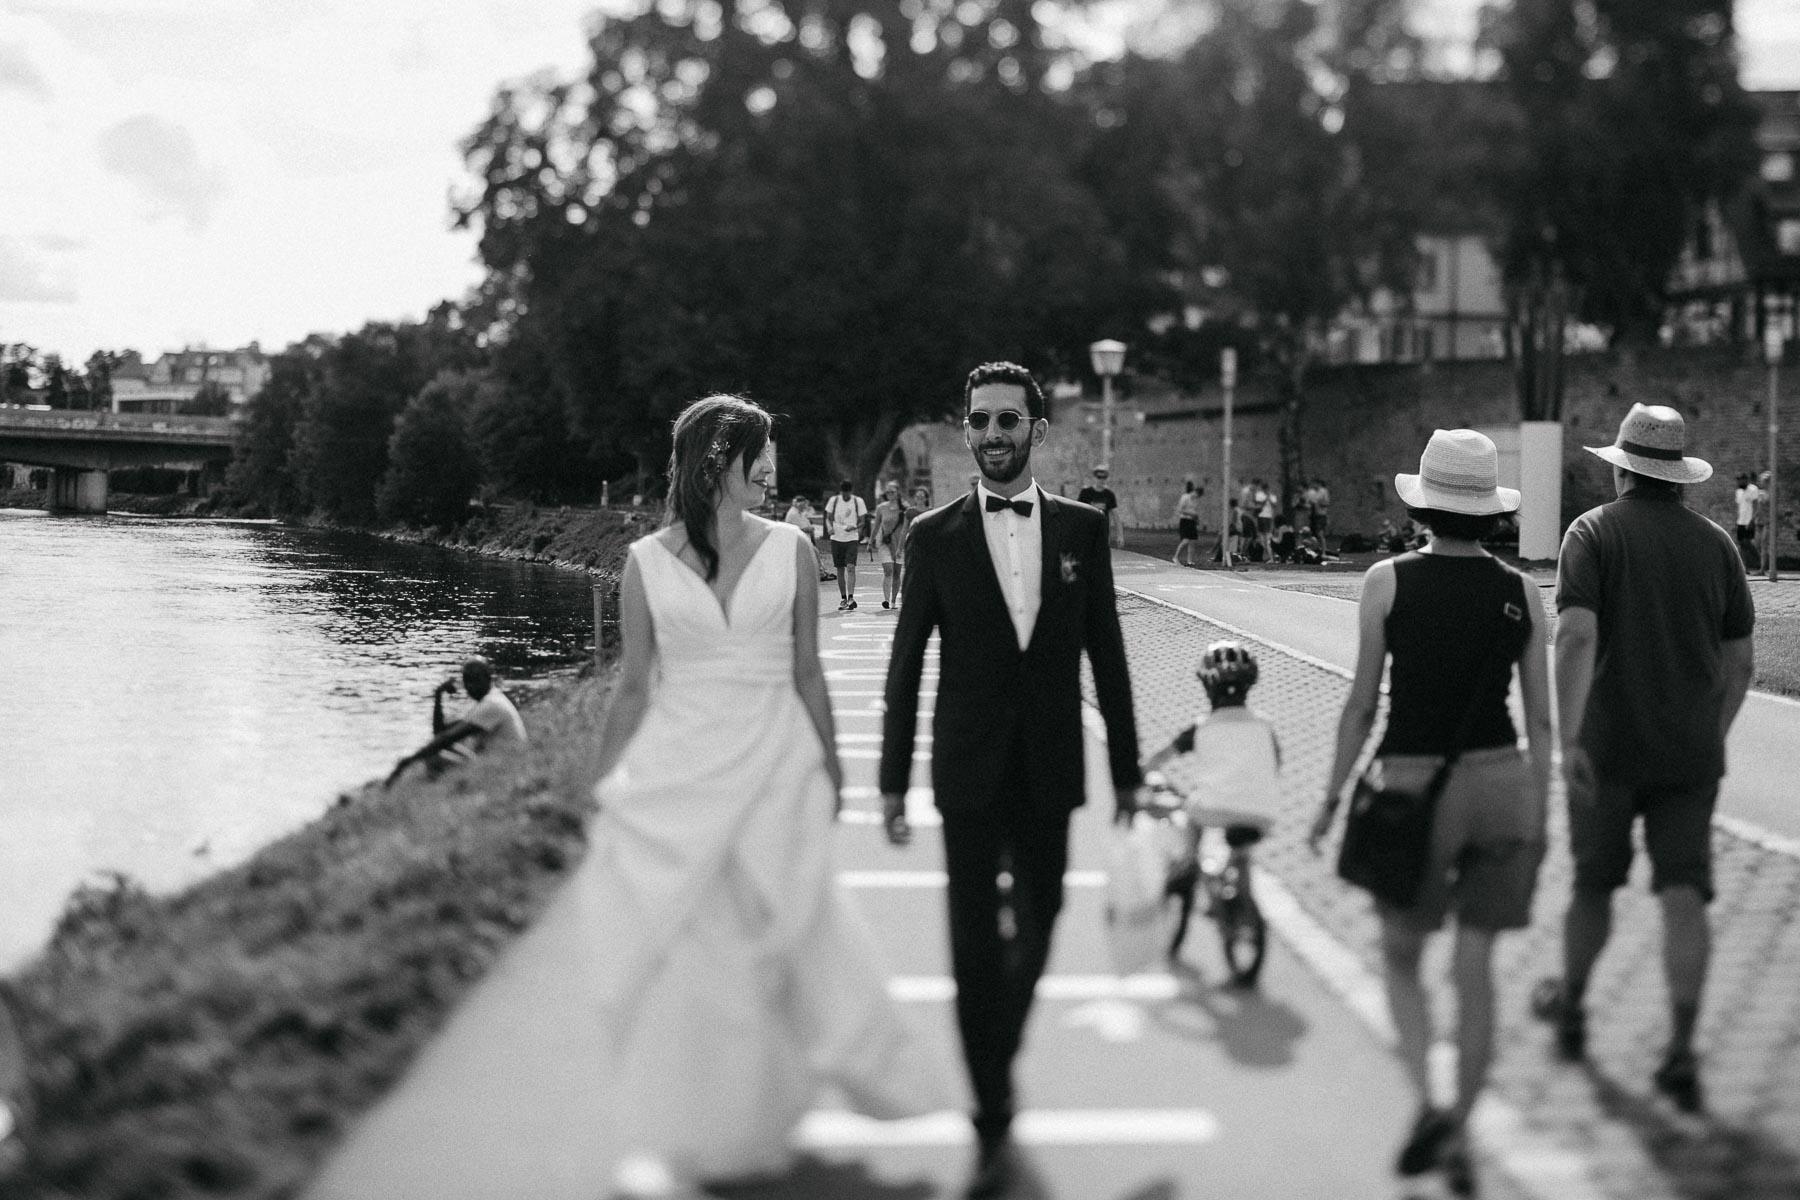 Nach der Hochzeit Im Brautkleid mit dem Hochzeitsfotograf durch Ulm. Hin zur Hochzeitslocation